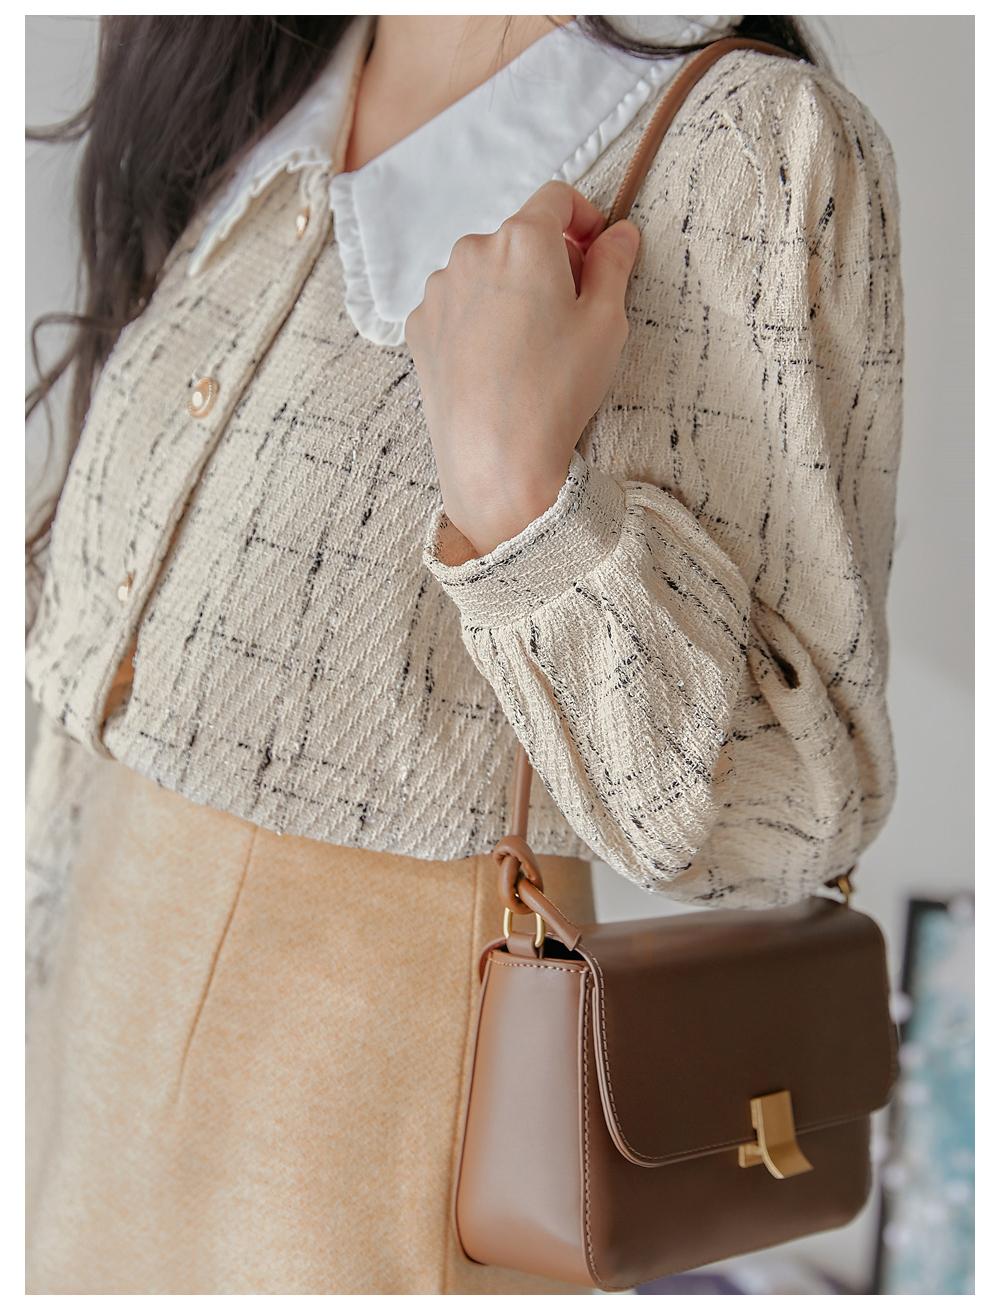 jacket model image-S1L14